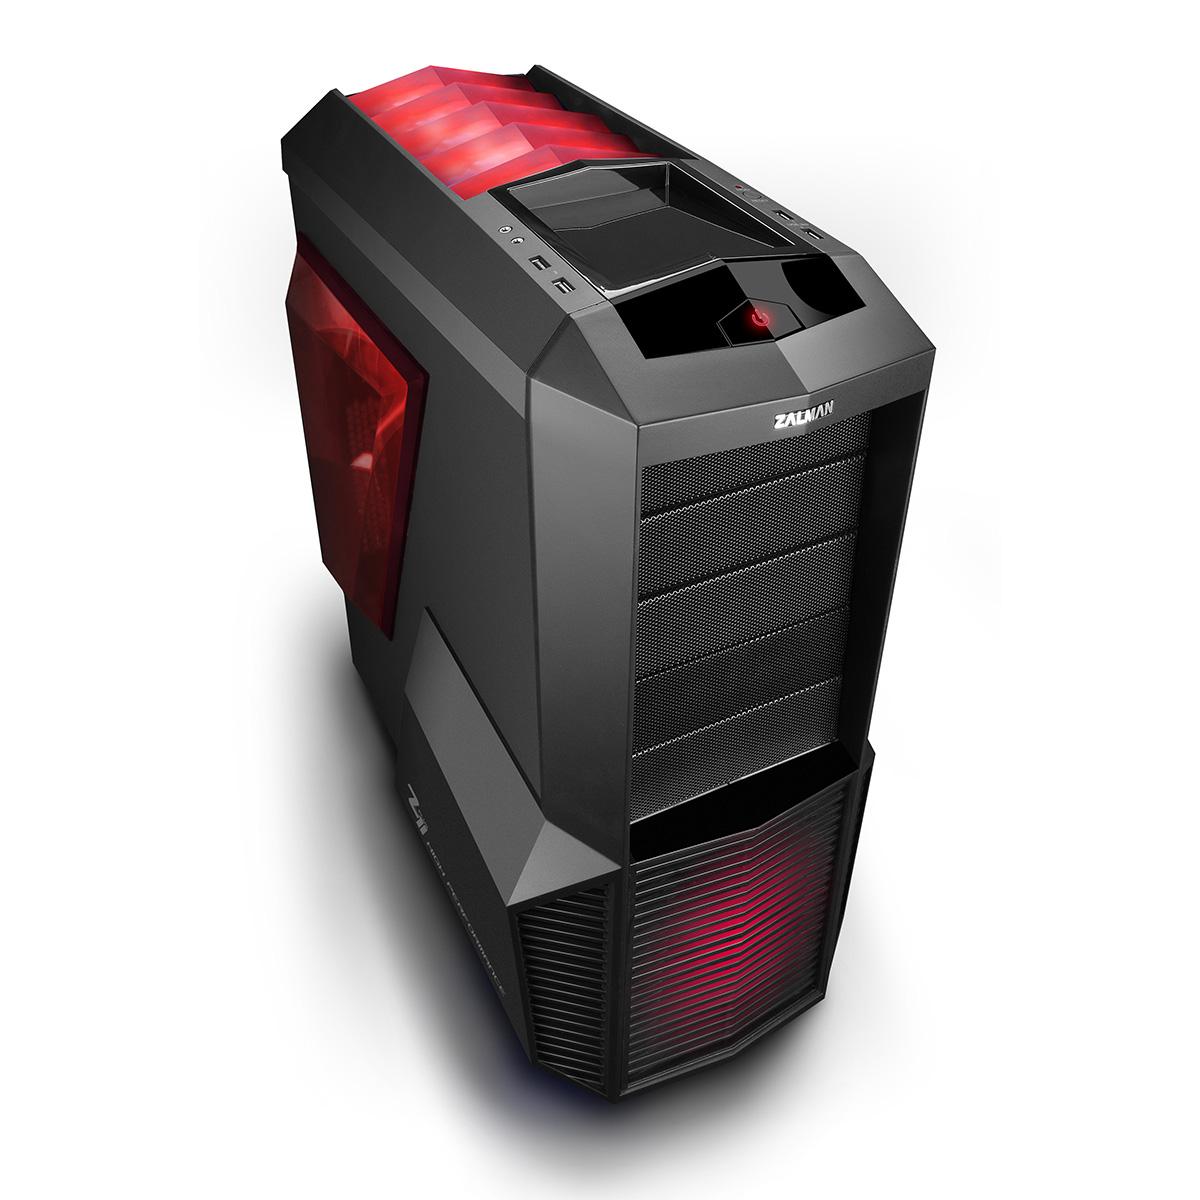 PC de bureau LDLC PC Perfect Intel Core i5 6600K (3.5 GHz) 16 Go SSD 180 Go + HDD 2 To NVIDIA GeForce GTX 1060 3 Go Graveur DVD (sans OS - non monté)